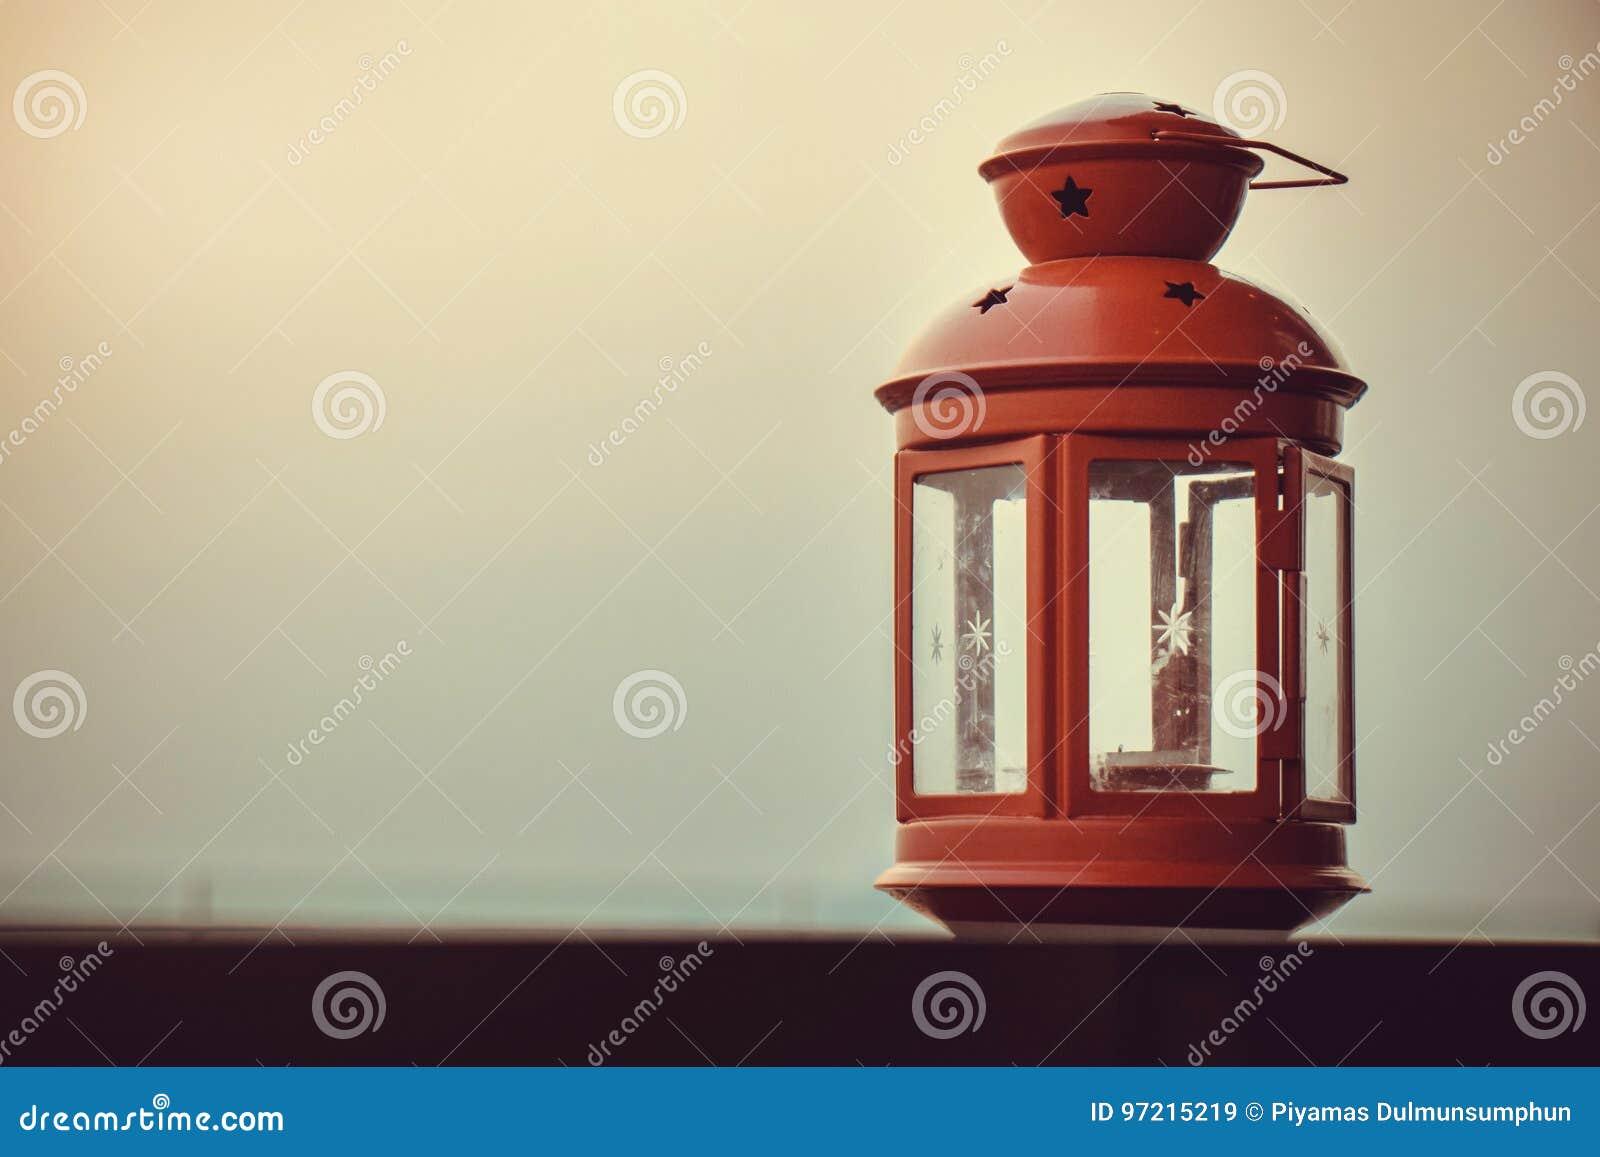 Rote Retro Lampe An Der Terrasse Mit Sonnenunterganglicht